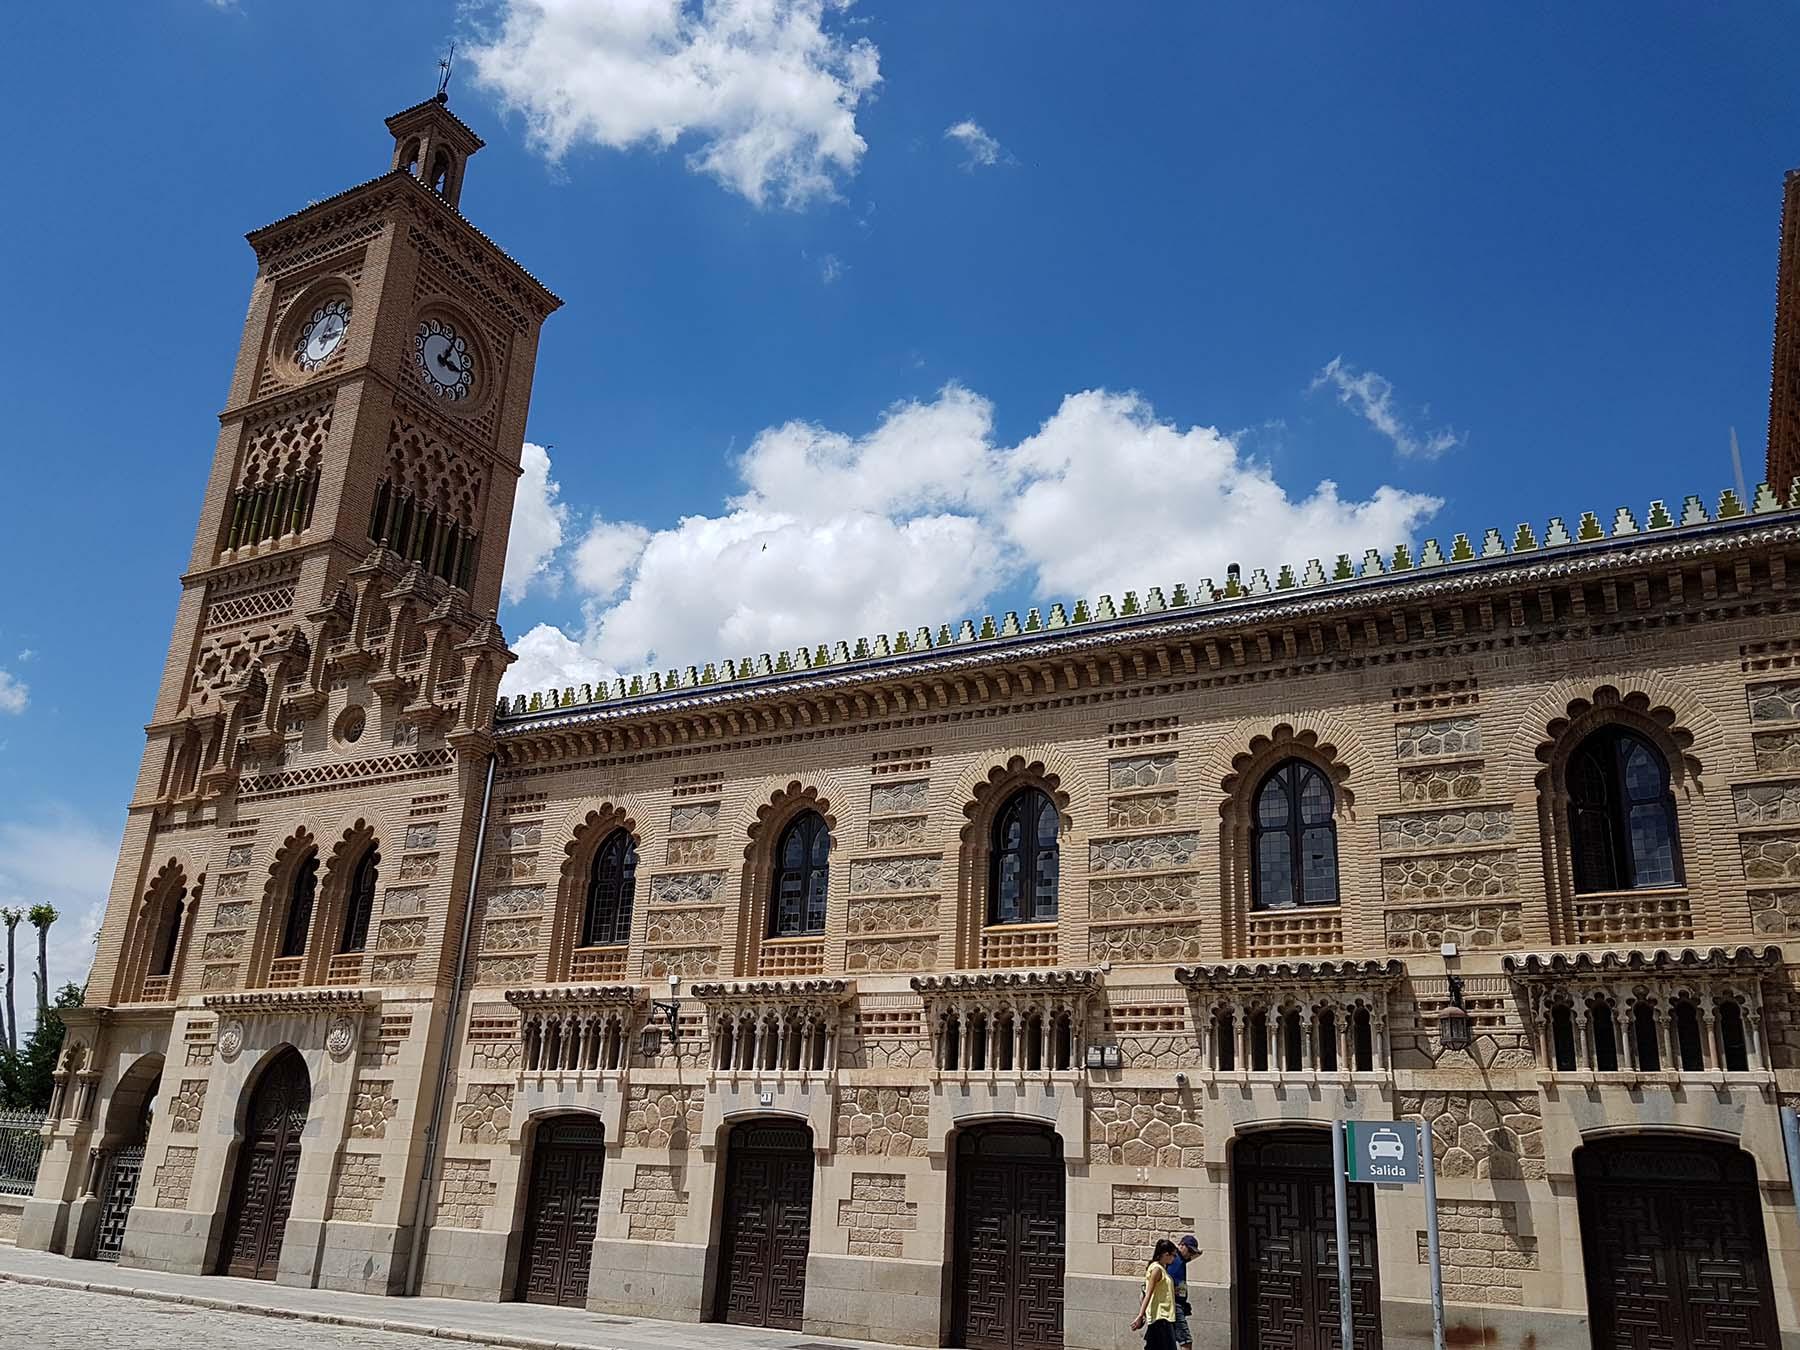 Estação de Trem de Toledo, Espanha.